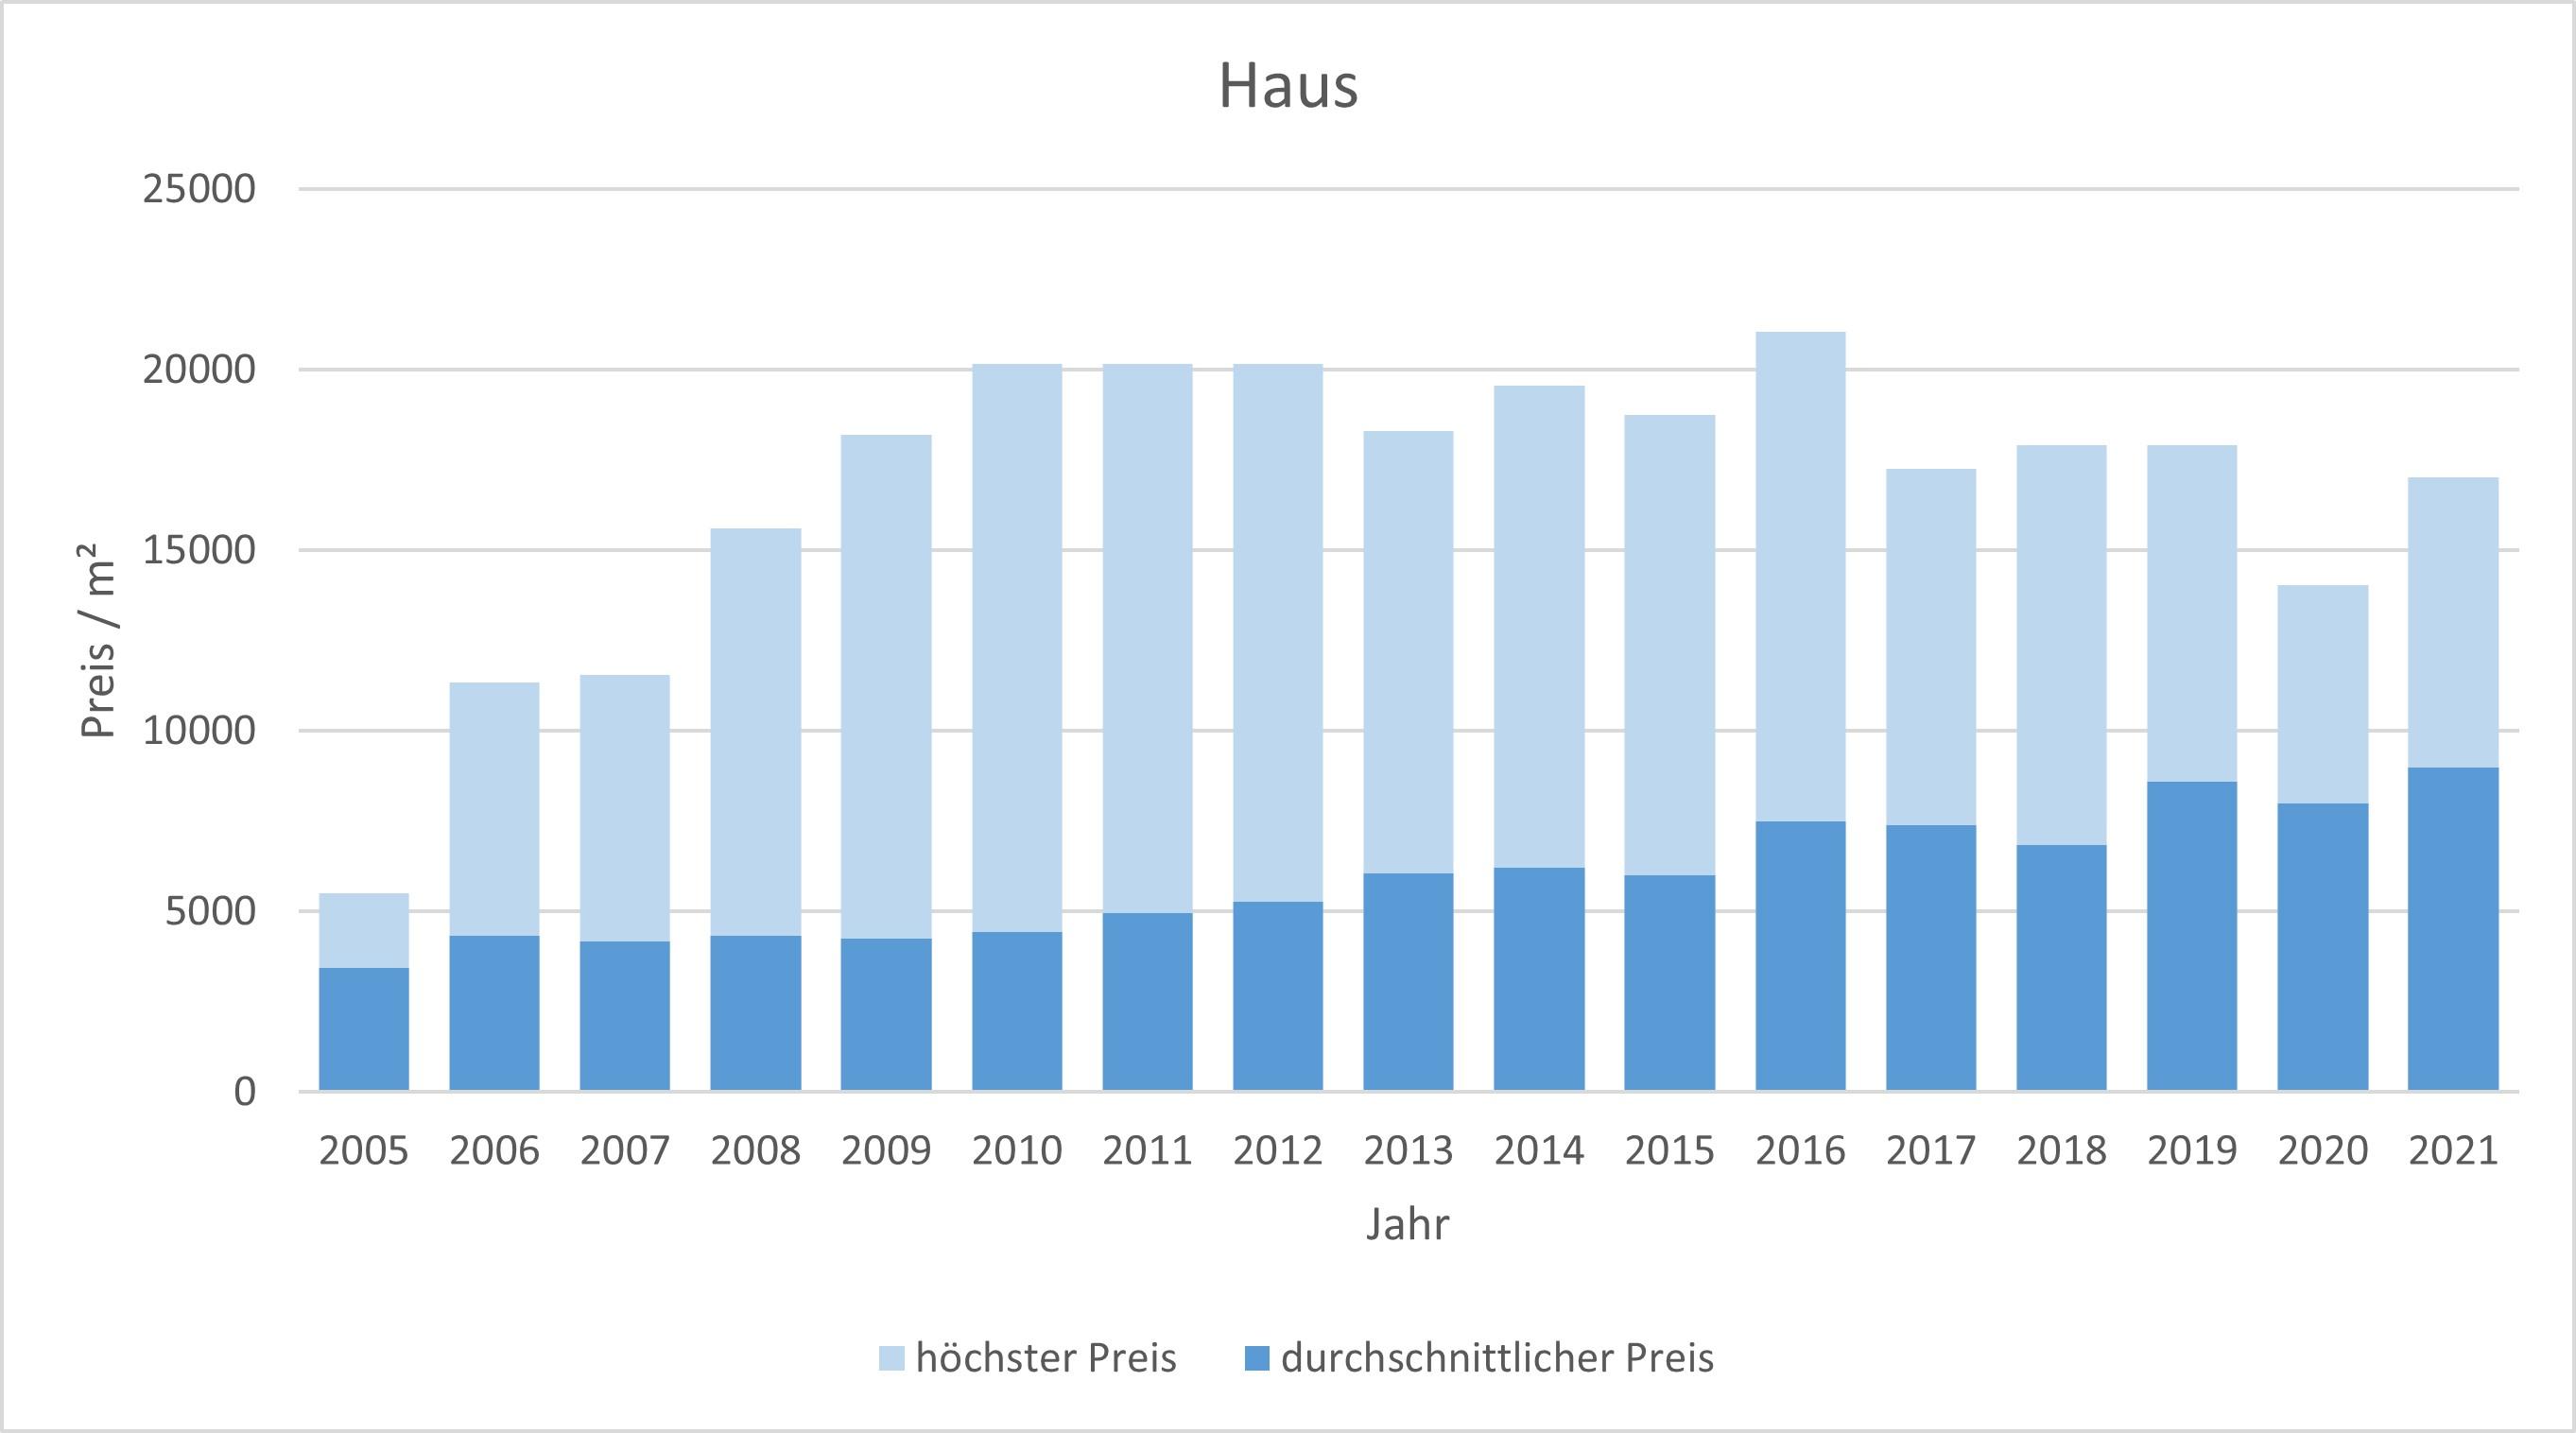 Berg am Starnberger See Haus kaufen verkaufen 2019, 2020, 2021 preis bewertung makler www.happy-immo.de